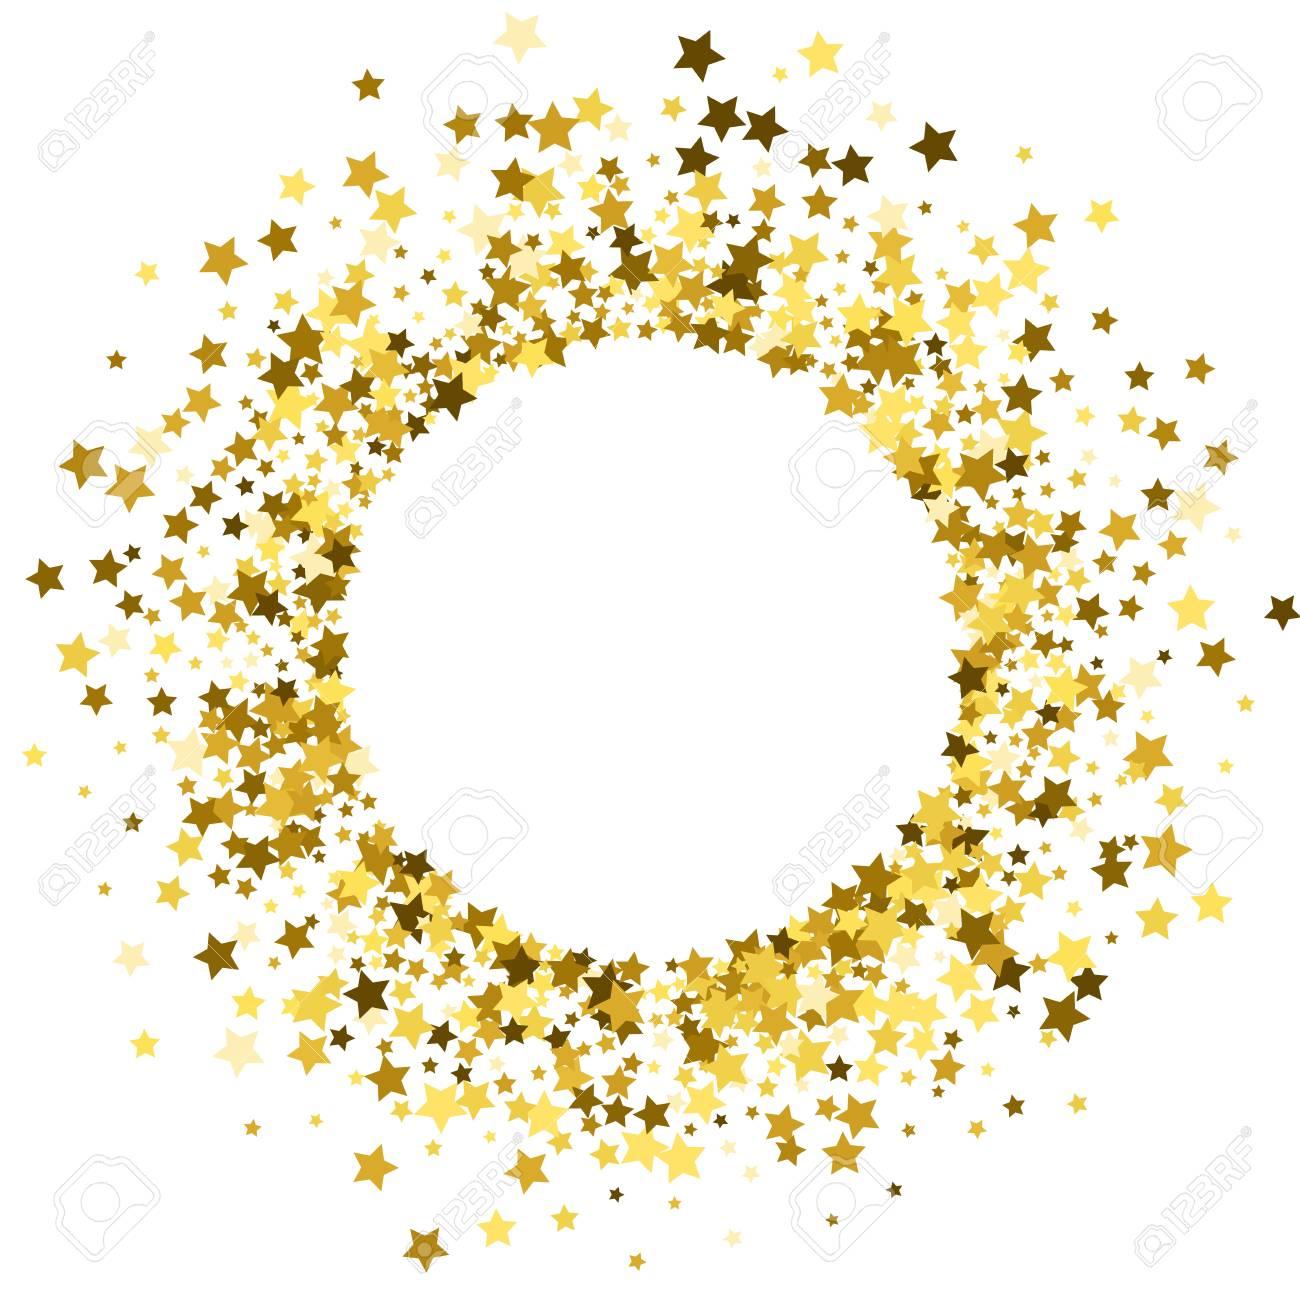 Round Gold Frame Or Border Of Random Scatter Golden Stars On